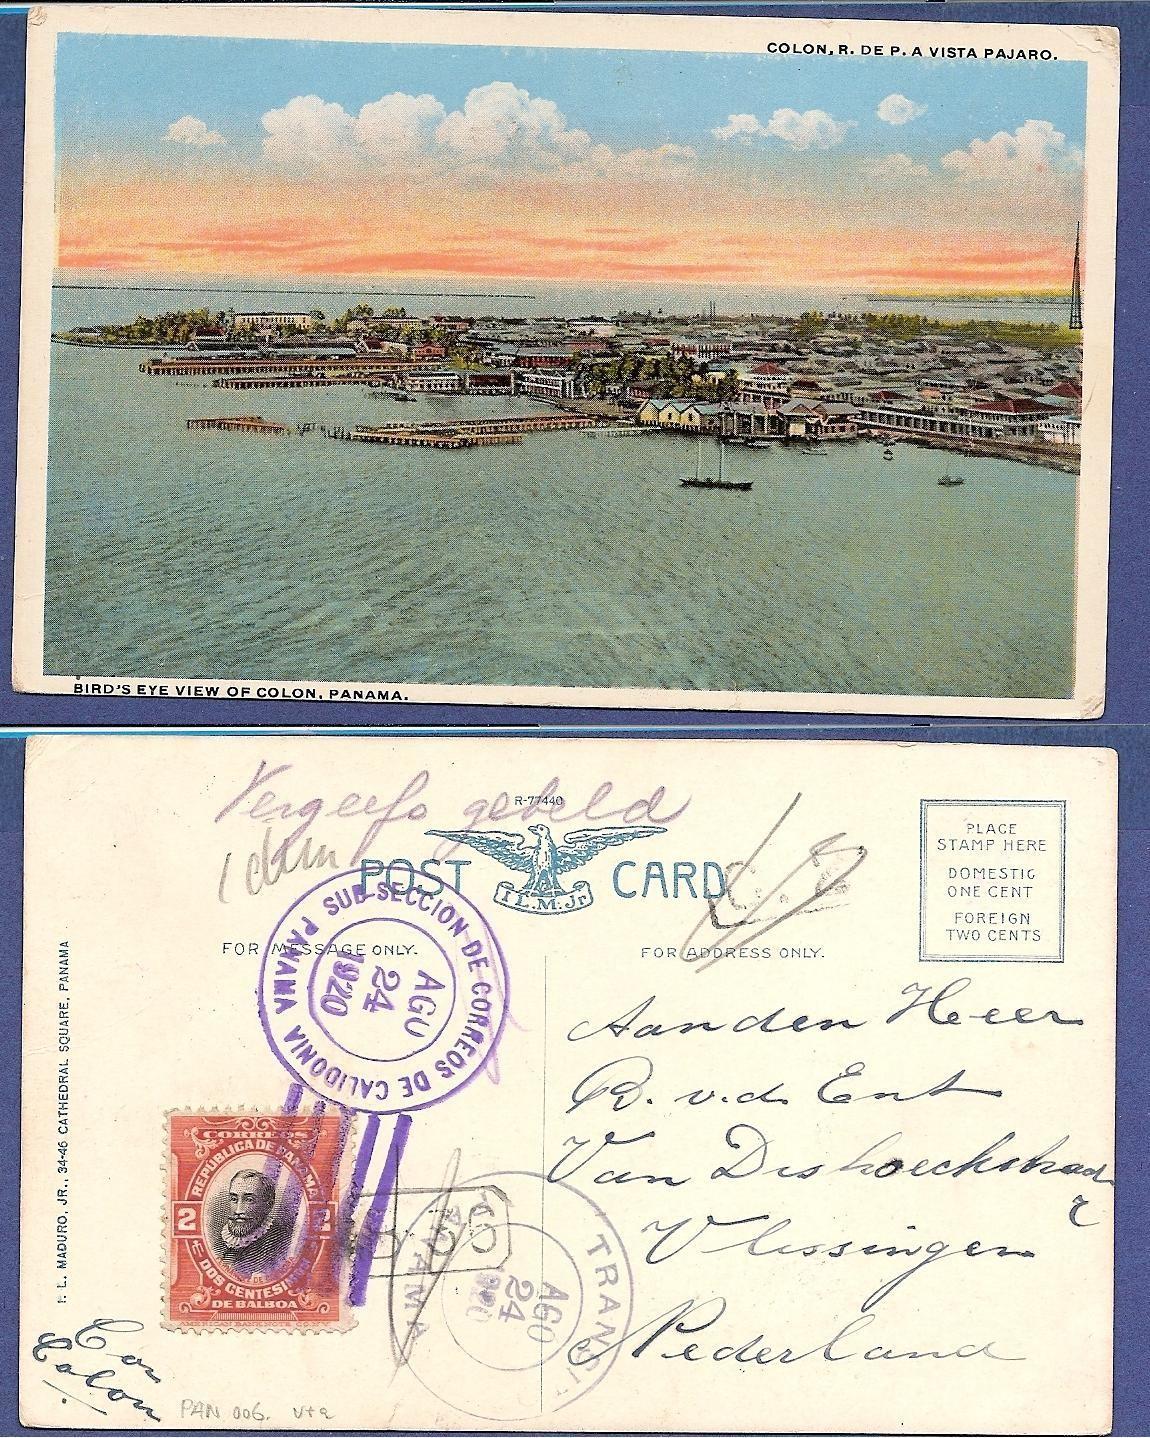 PANAMA PPC 1920 Calidonio with Panama transit to Netherlands